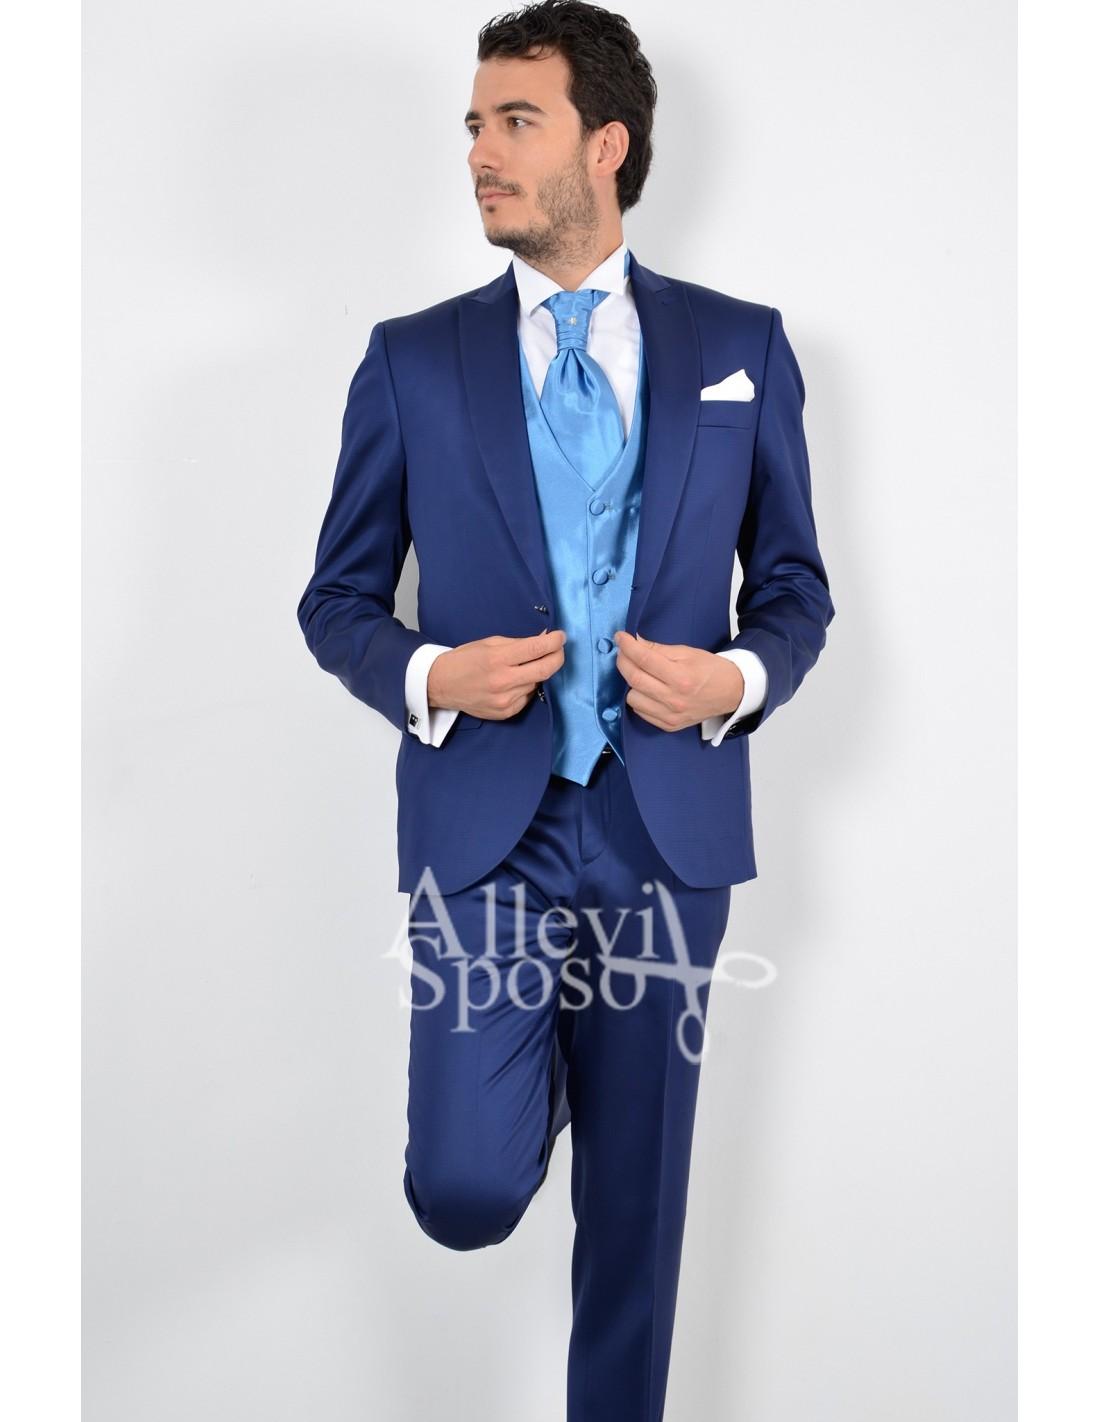 Abito Matrimonio Uomo Zalando : Abito matrimonio uomo azzurro abiti alla moda